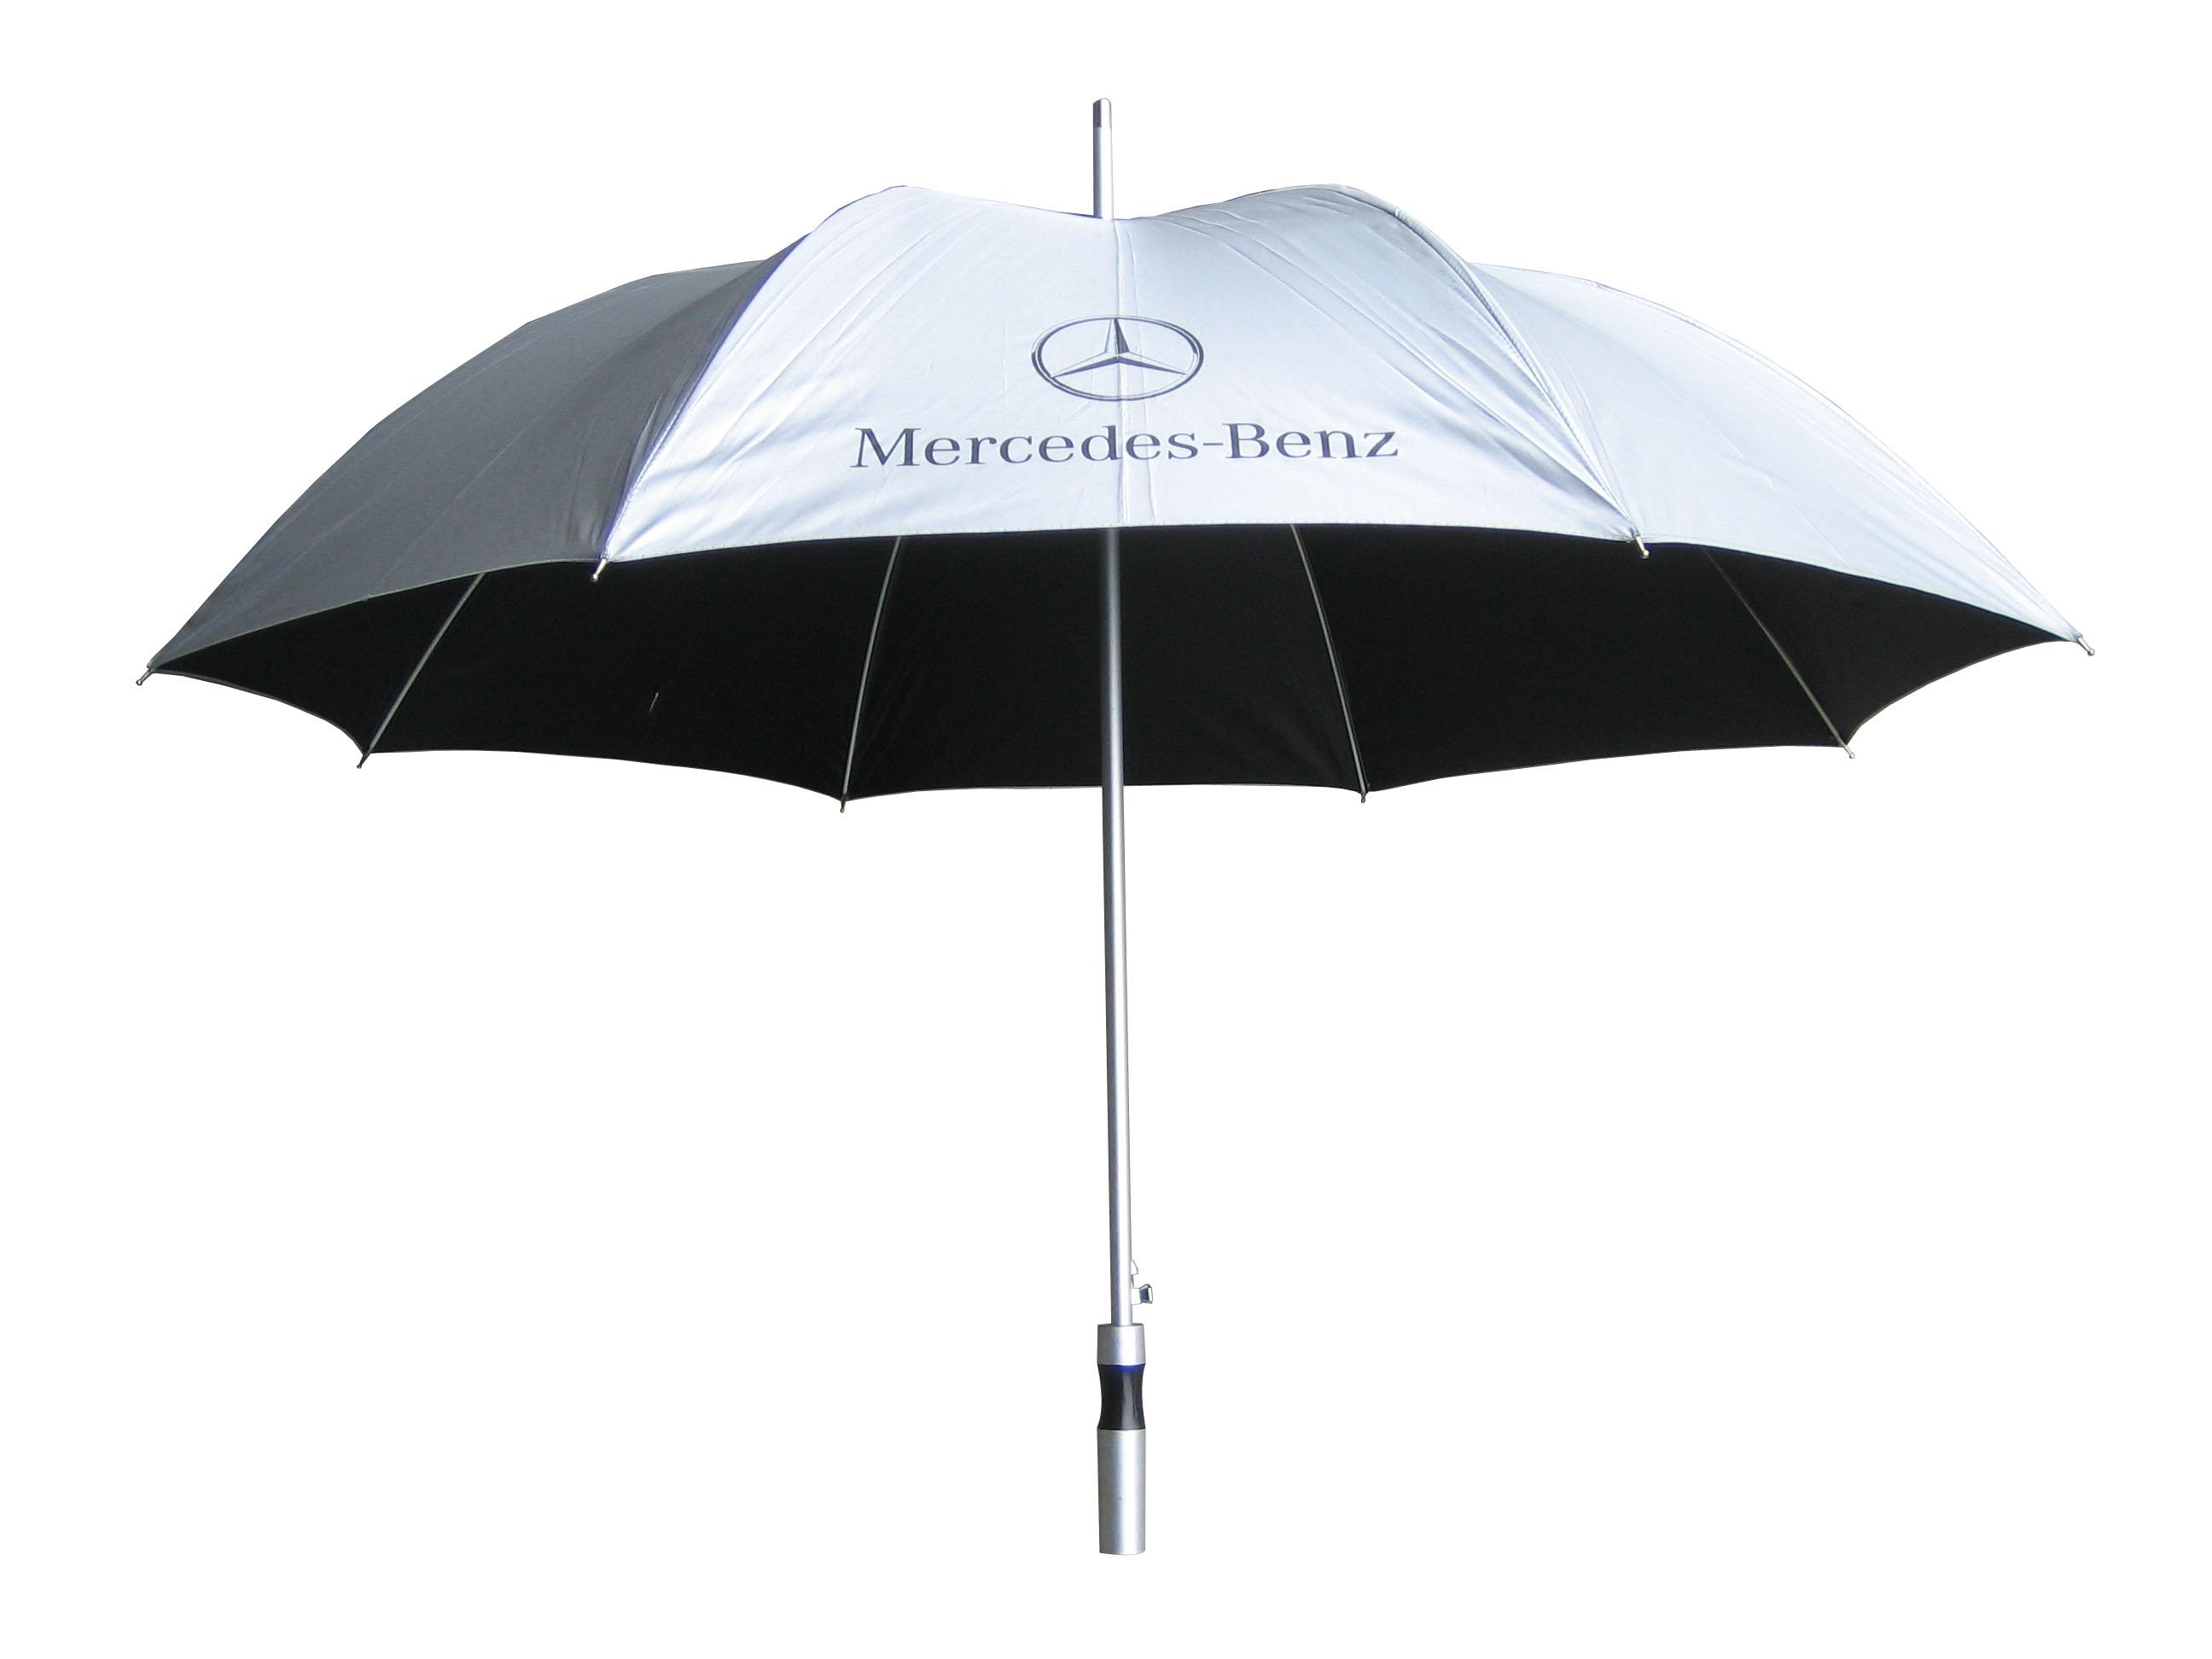 ô dù cầm tay R70-2